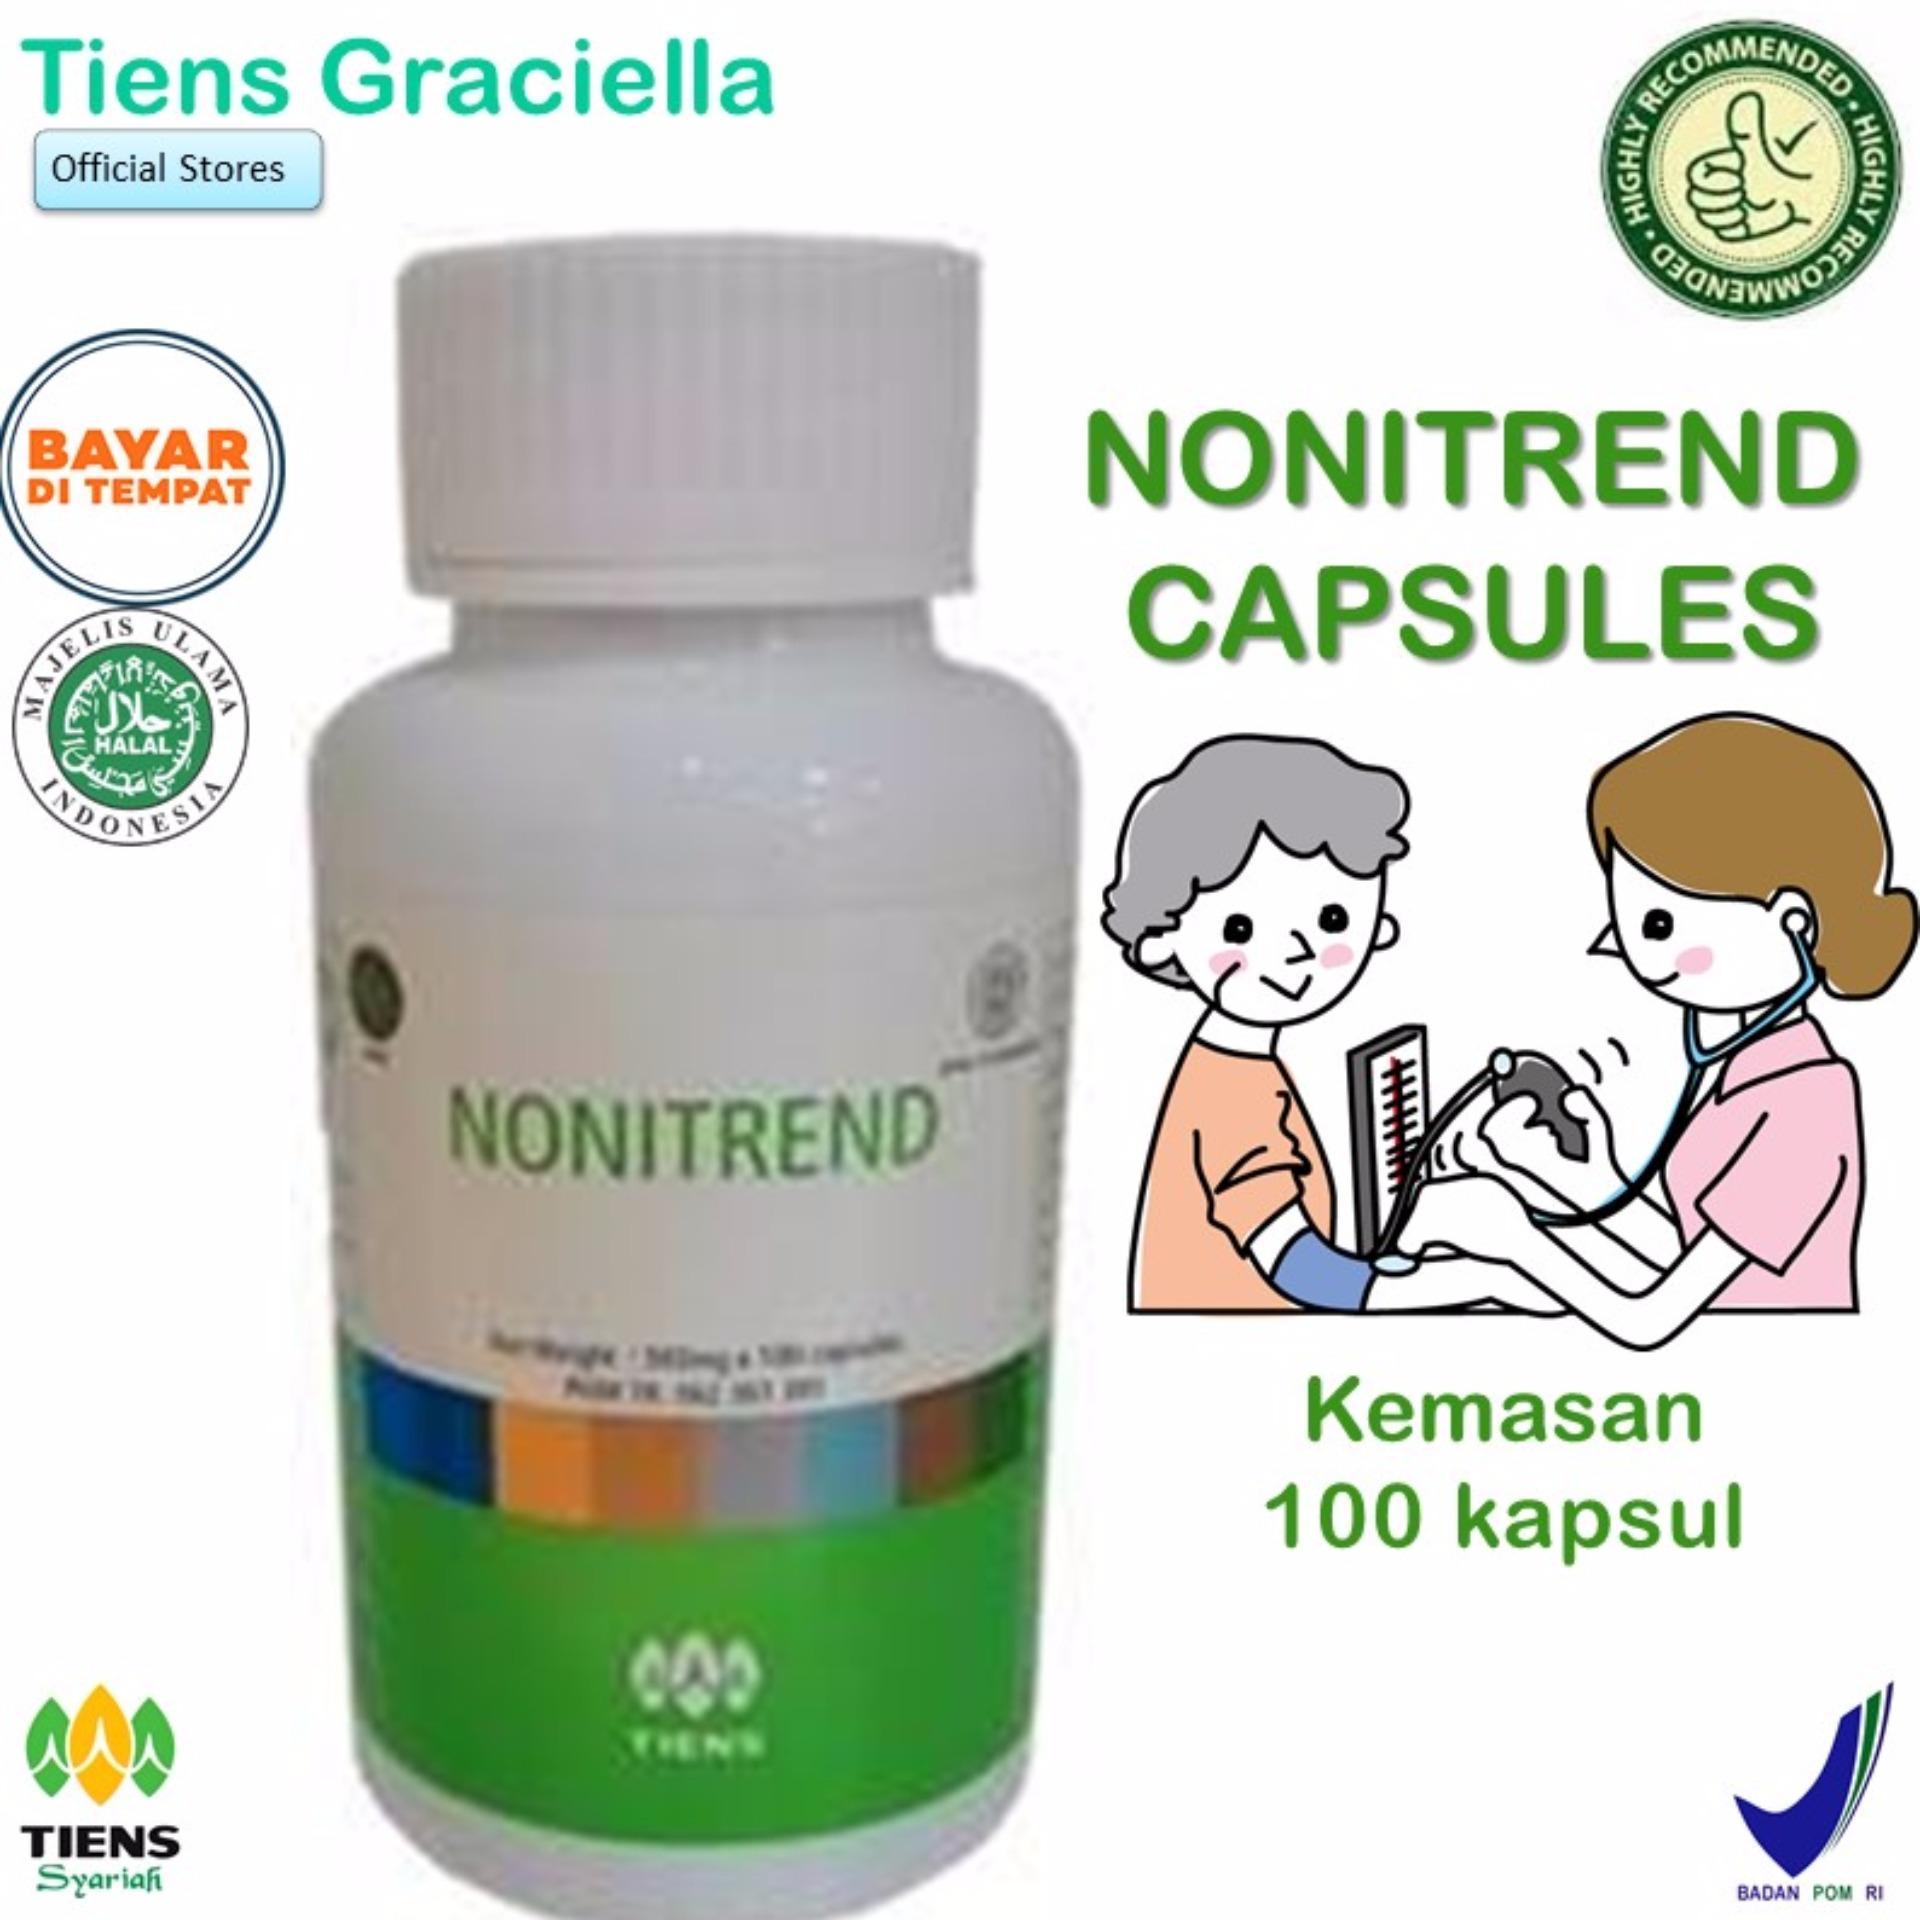 Diskon Tiens Nonitrend Multivitamin 100 Capsul Antioksidan Noni 3X Dari Vitamin C Free Member Card Tiens Graciella Tiens Indonesia